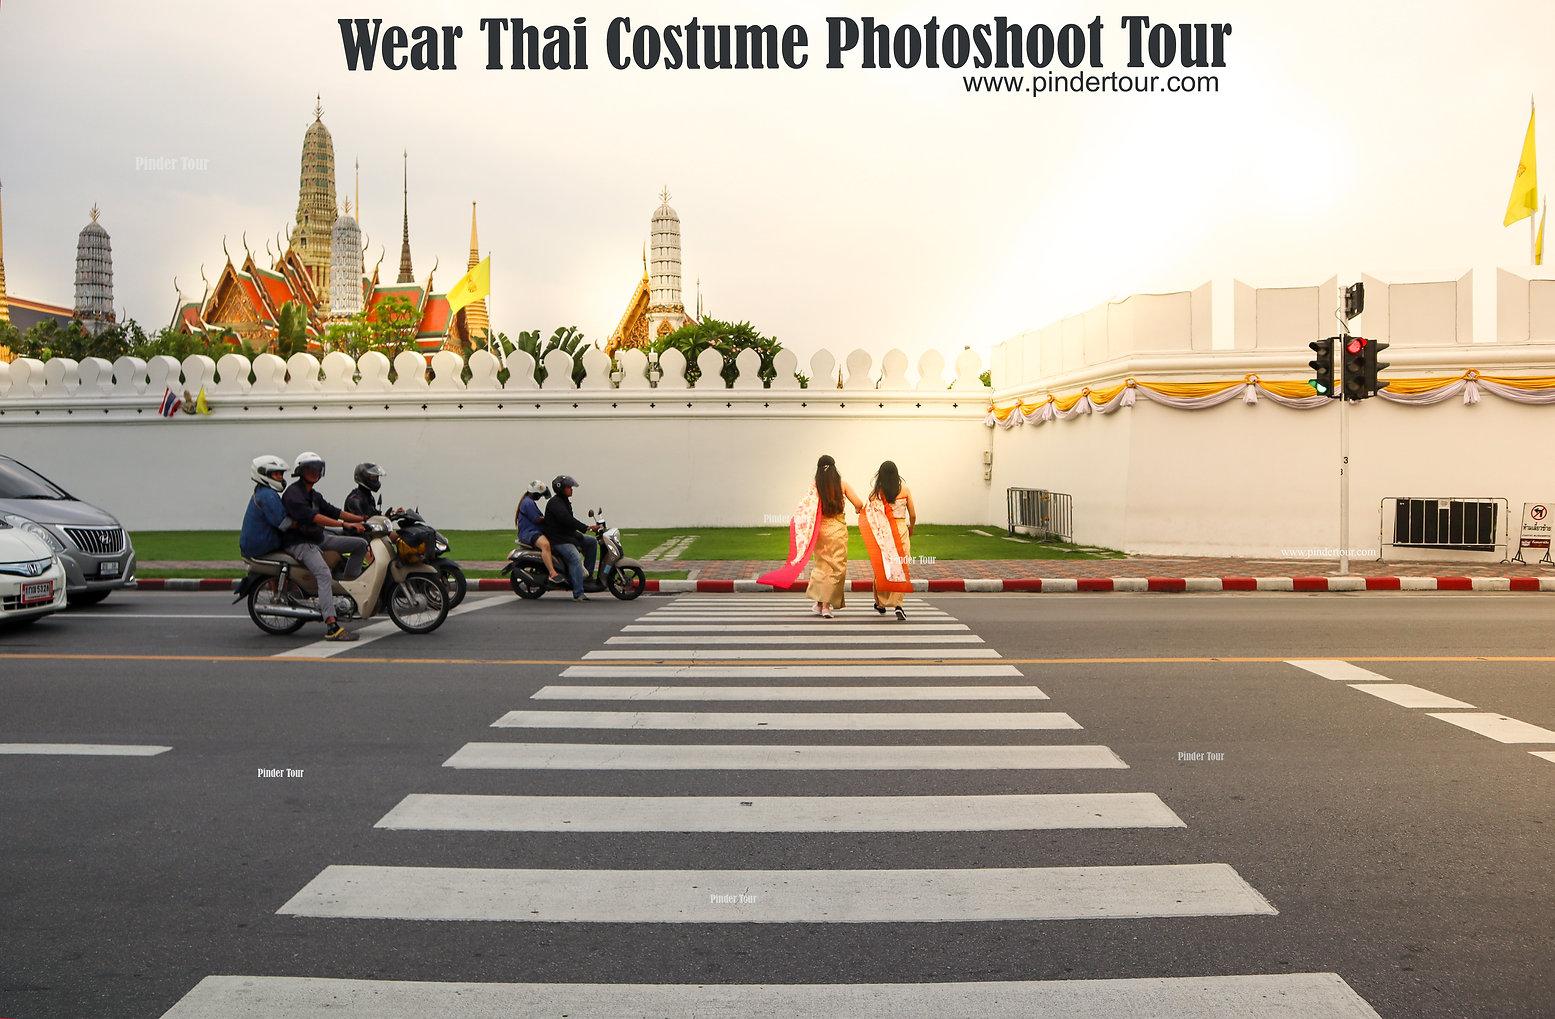 Wear Thai Costume Photo Shoot Tour 1.jpg